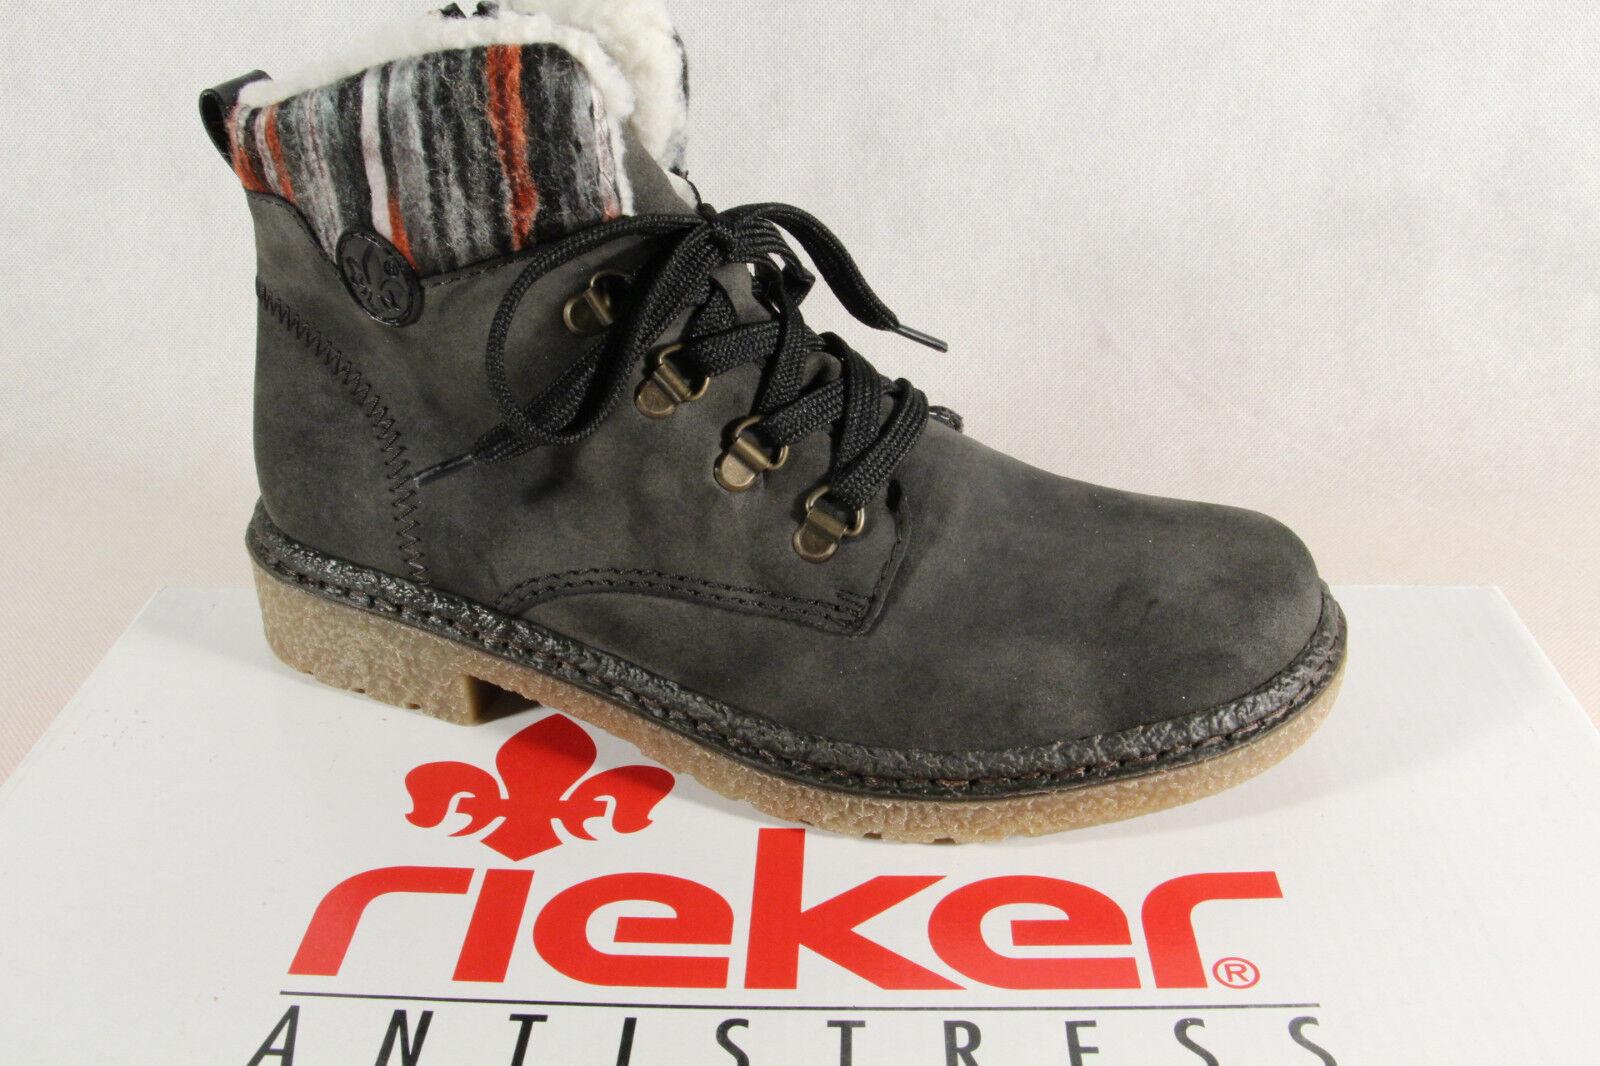 Rieker botas Mujer Mujer Mujer Botines botas de Cordón gris 73222 Nuevo  entrega gratis